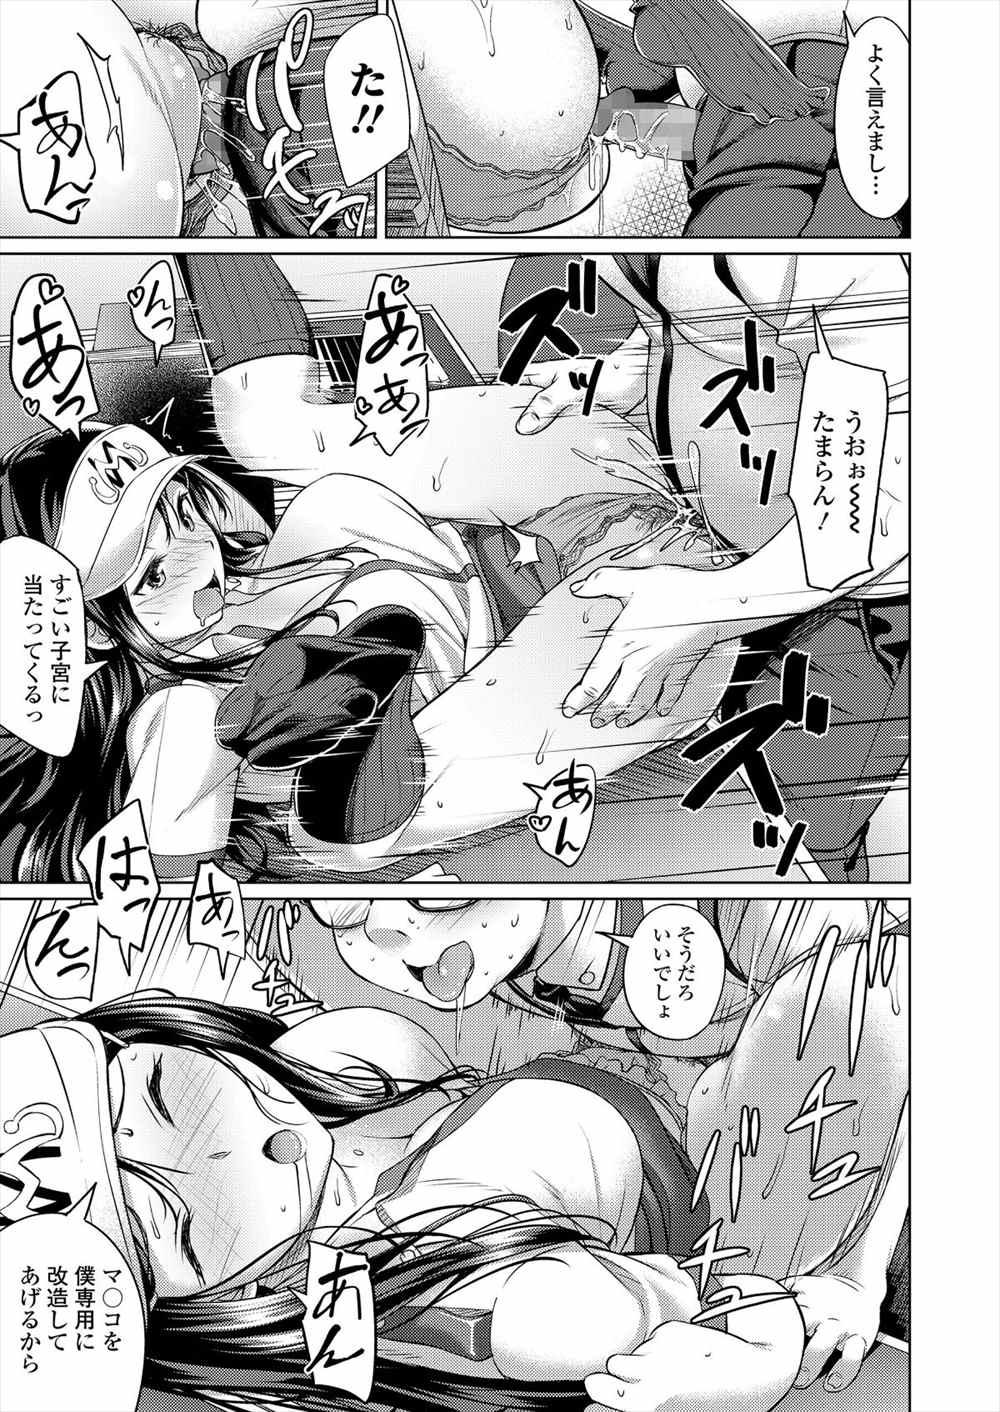 【エロ漫画】真面目清楚系JKが淫乱ビッチだった…バイト先の店長とセックスしているのを覗き見…【大空若葉:ゼロマネースマイル】